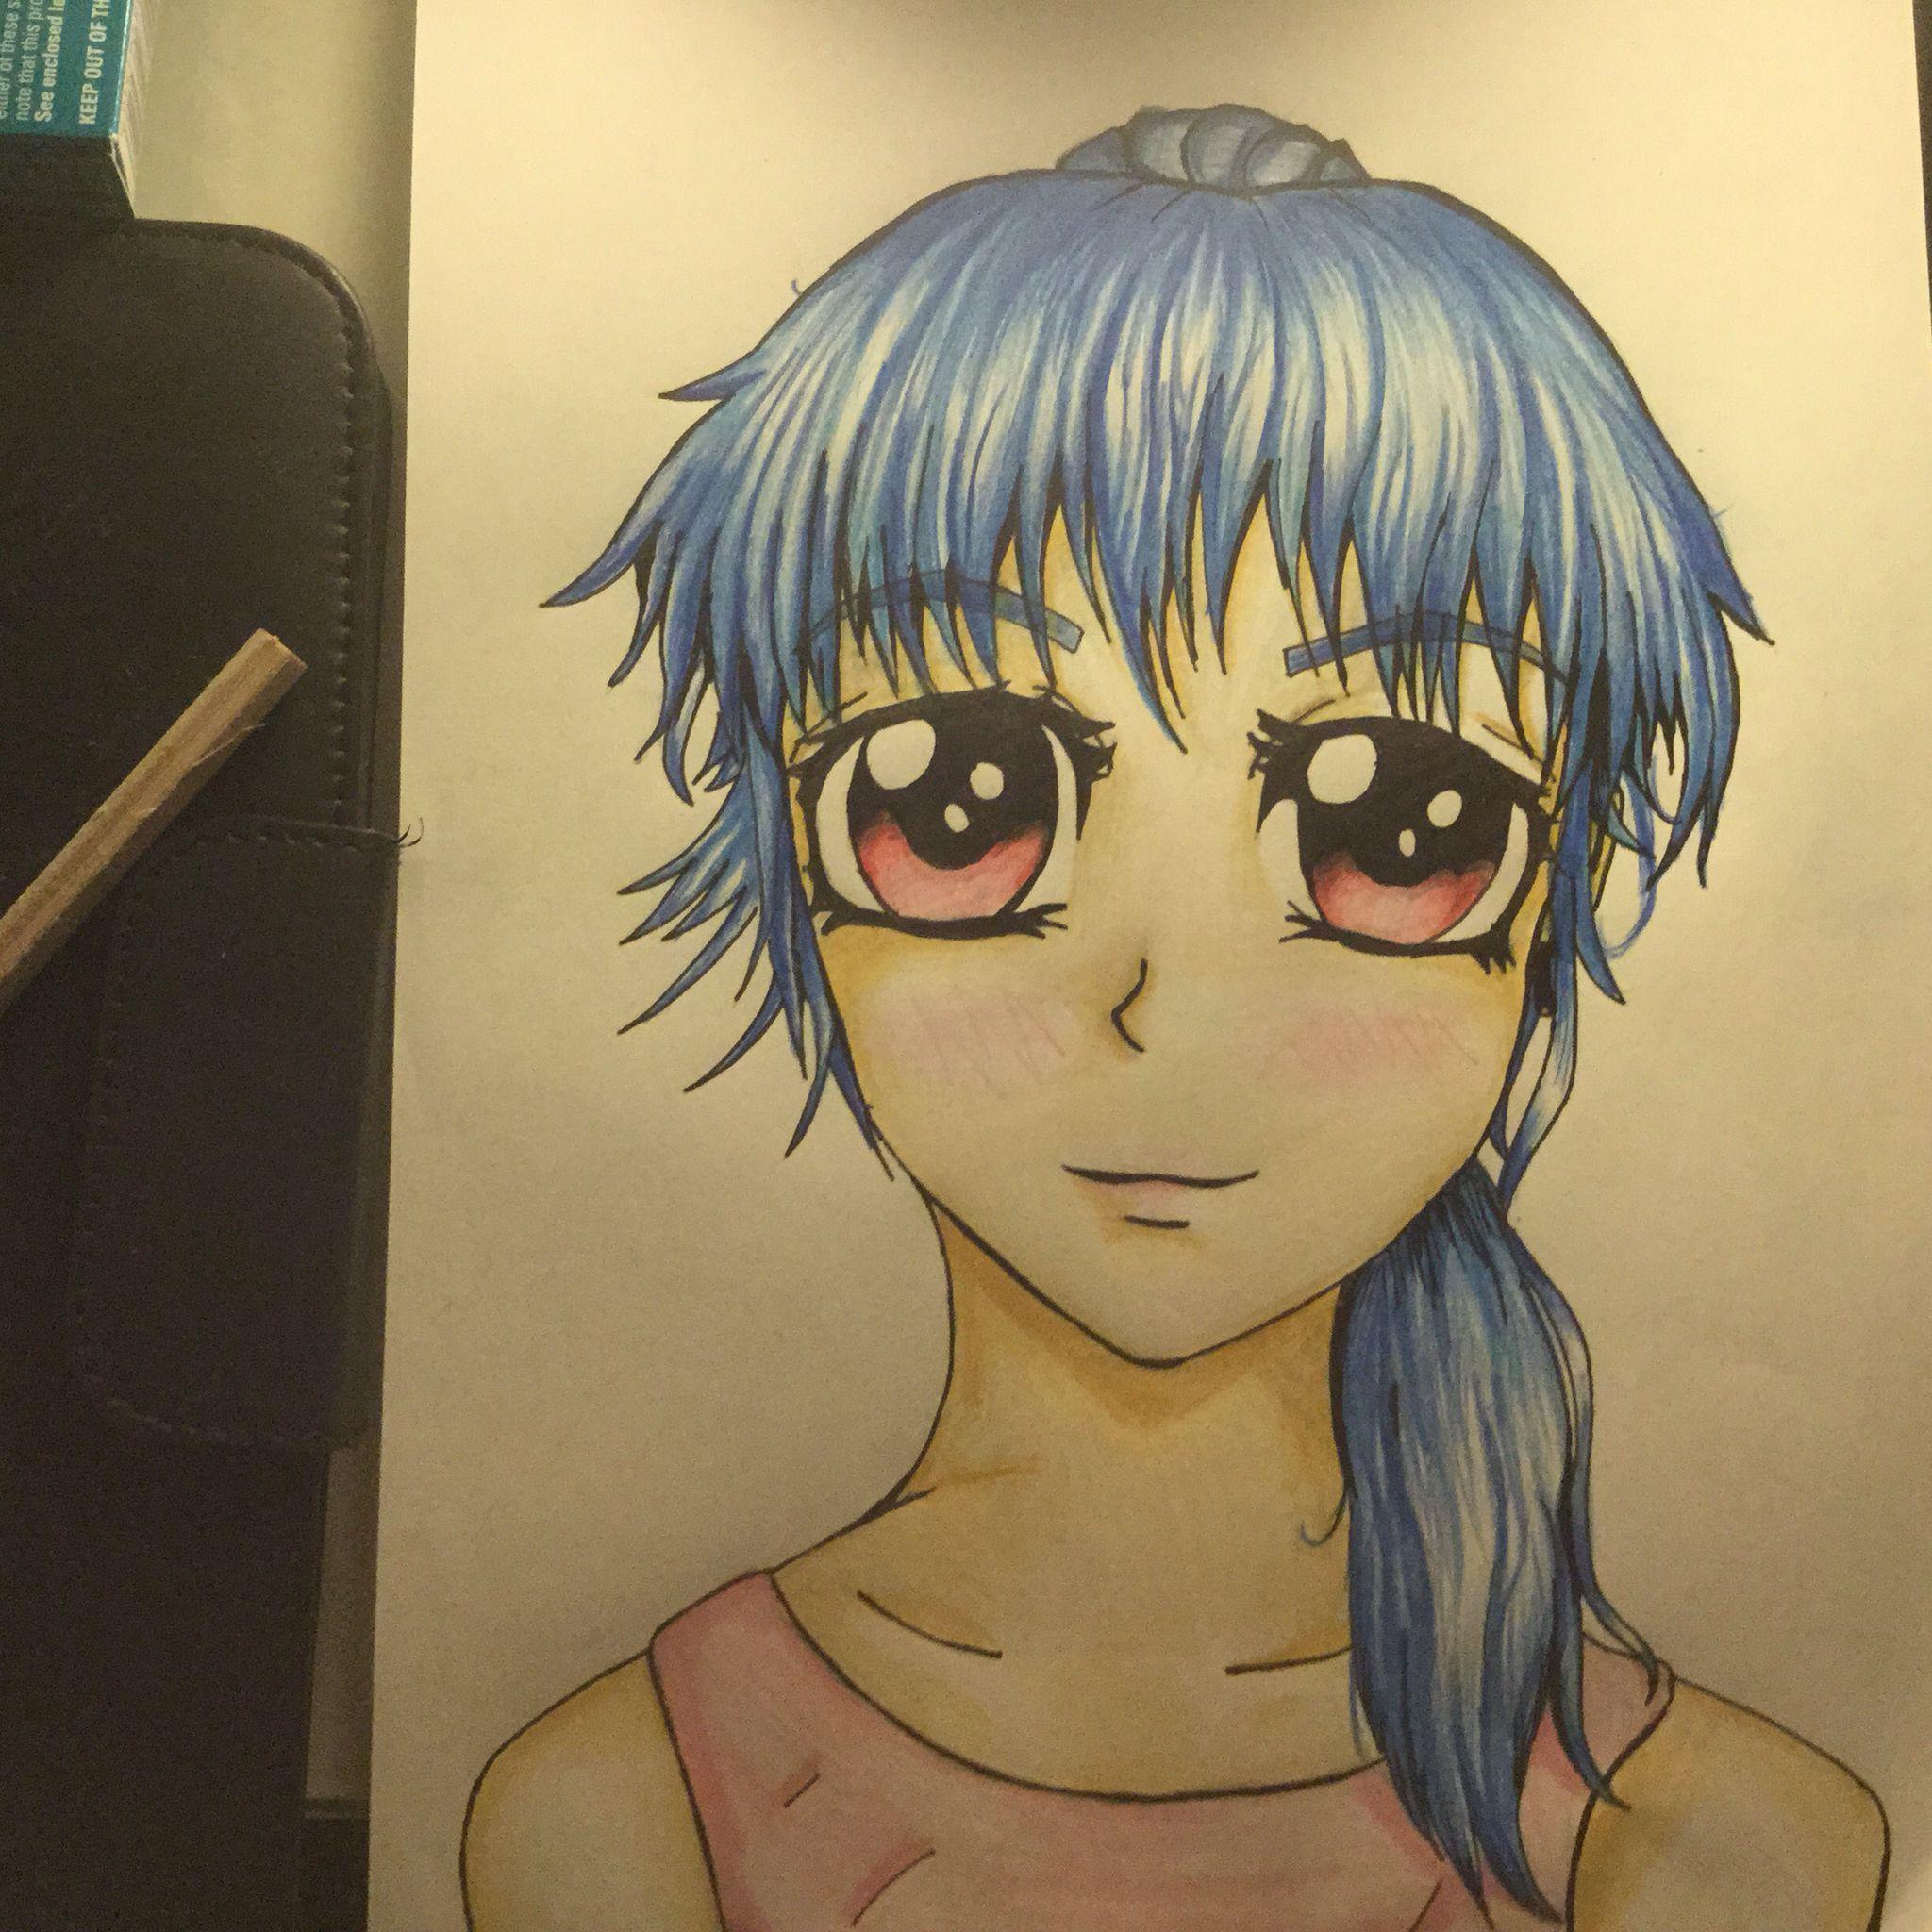 Anime.